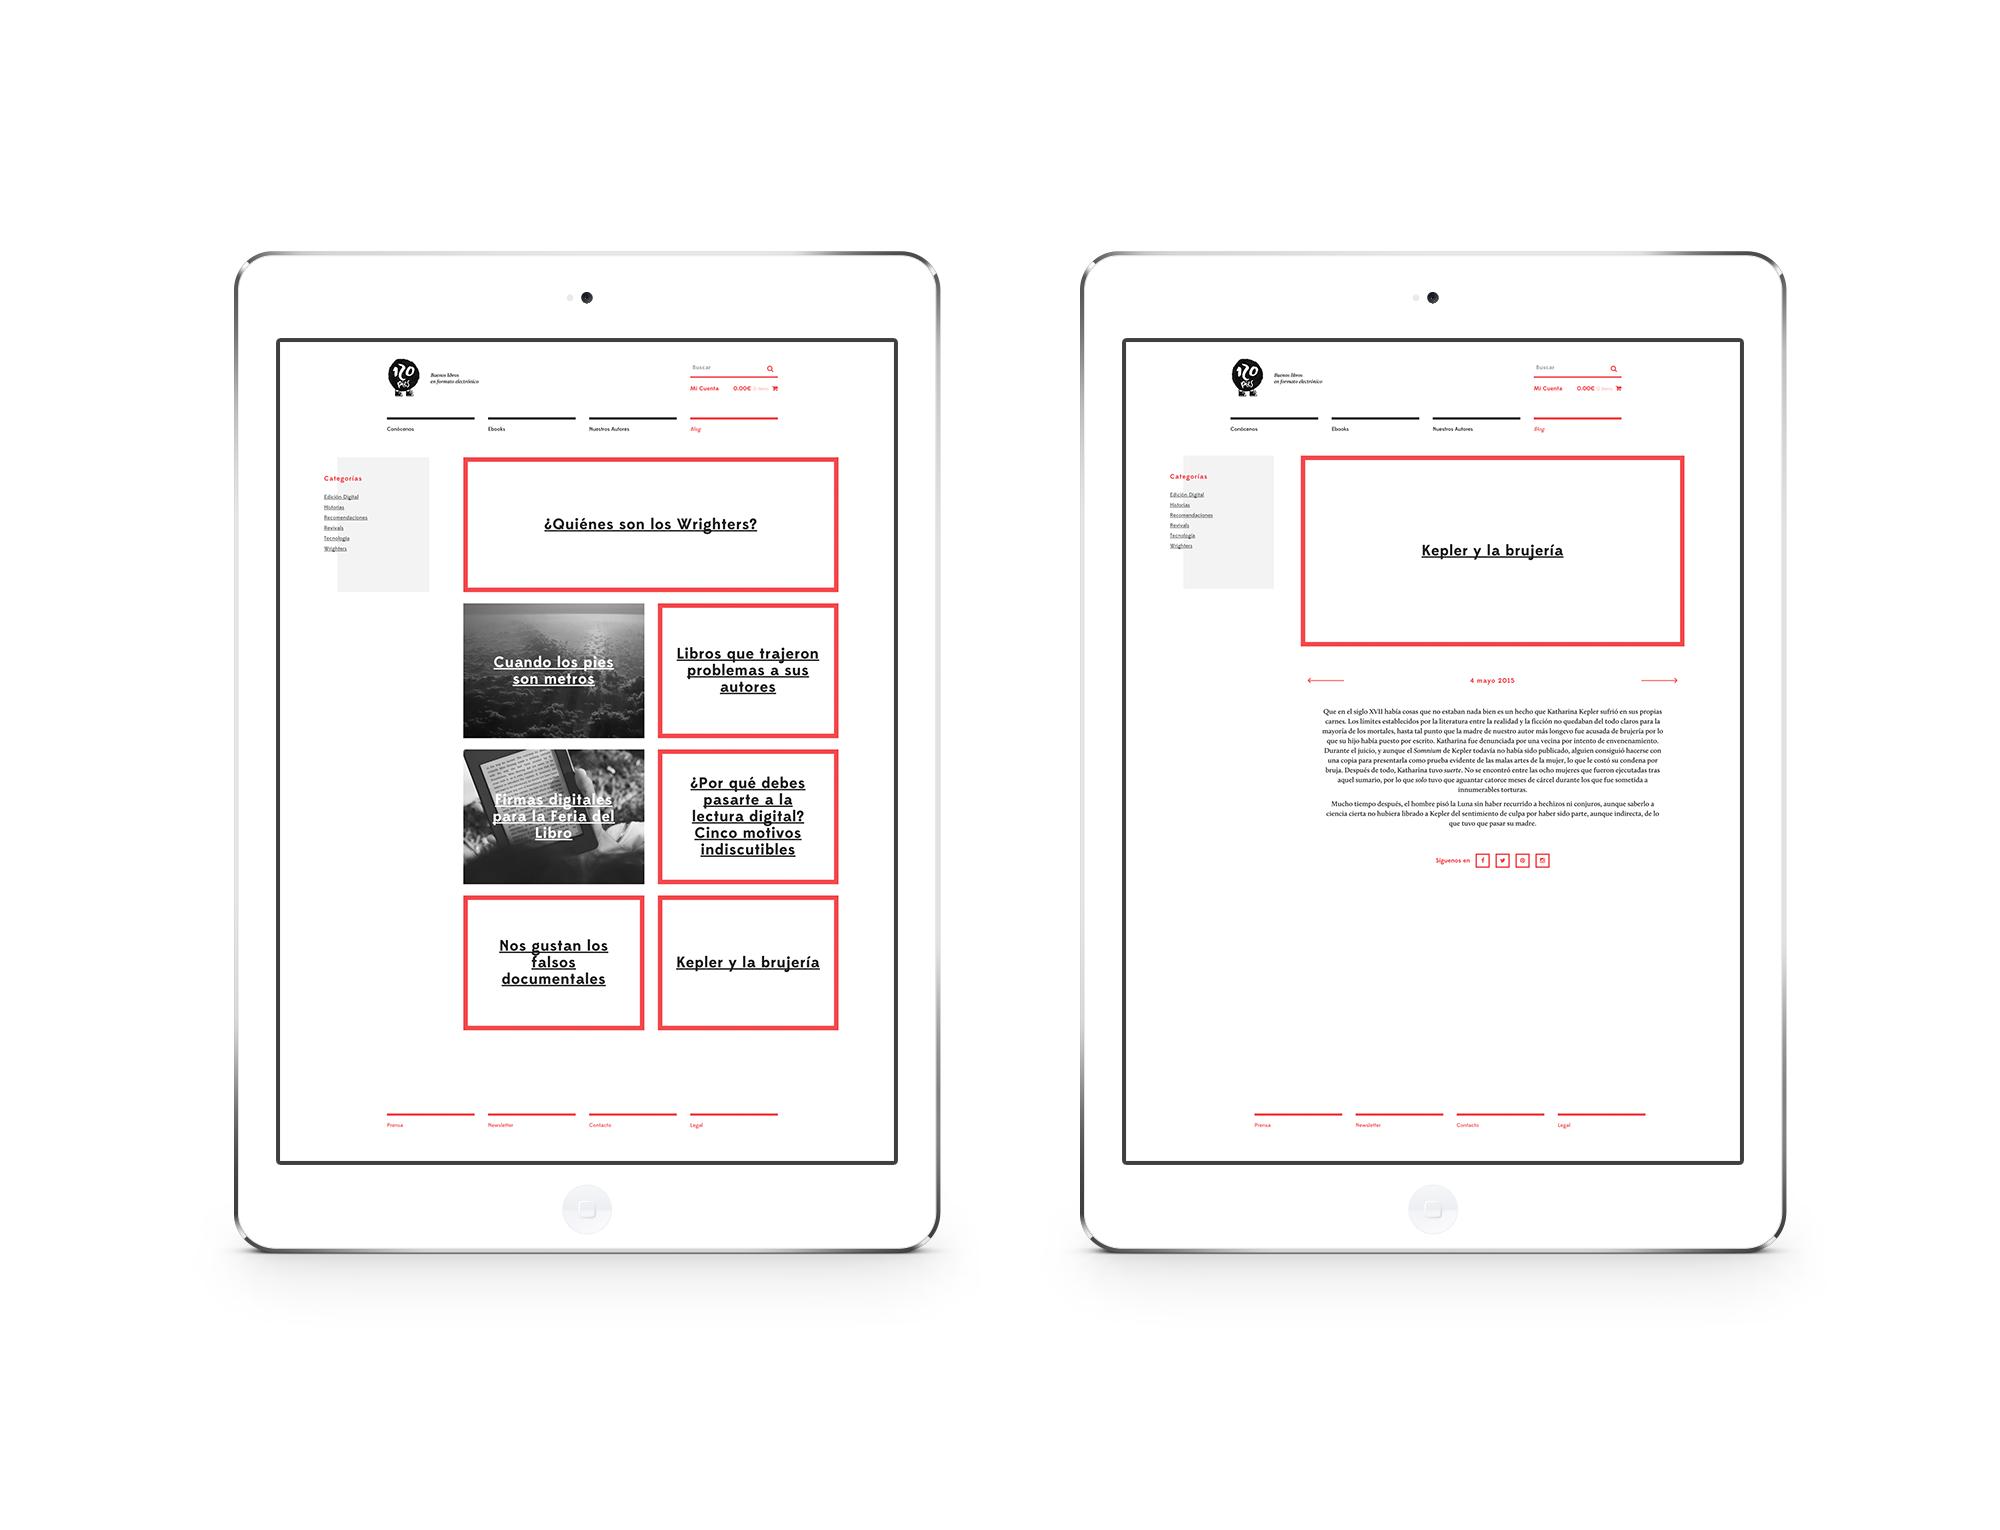 120 Pies, un proyecto de Branding & Web Design por The Woork Co